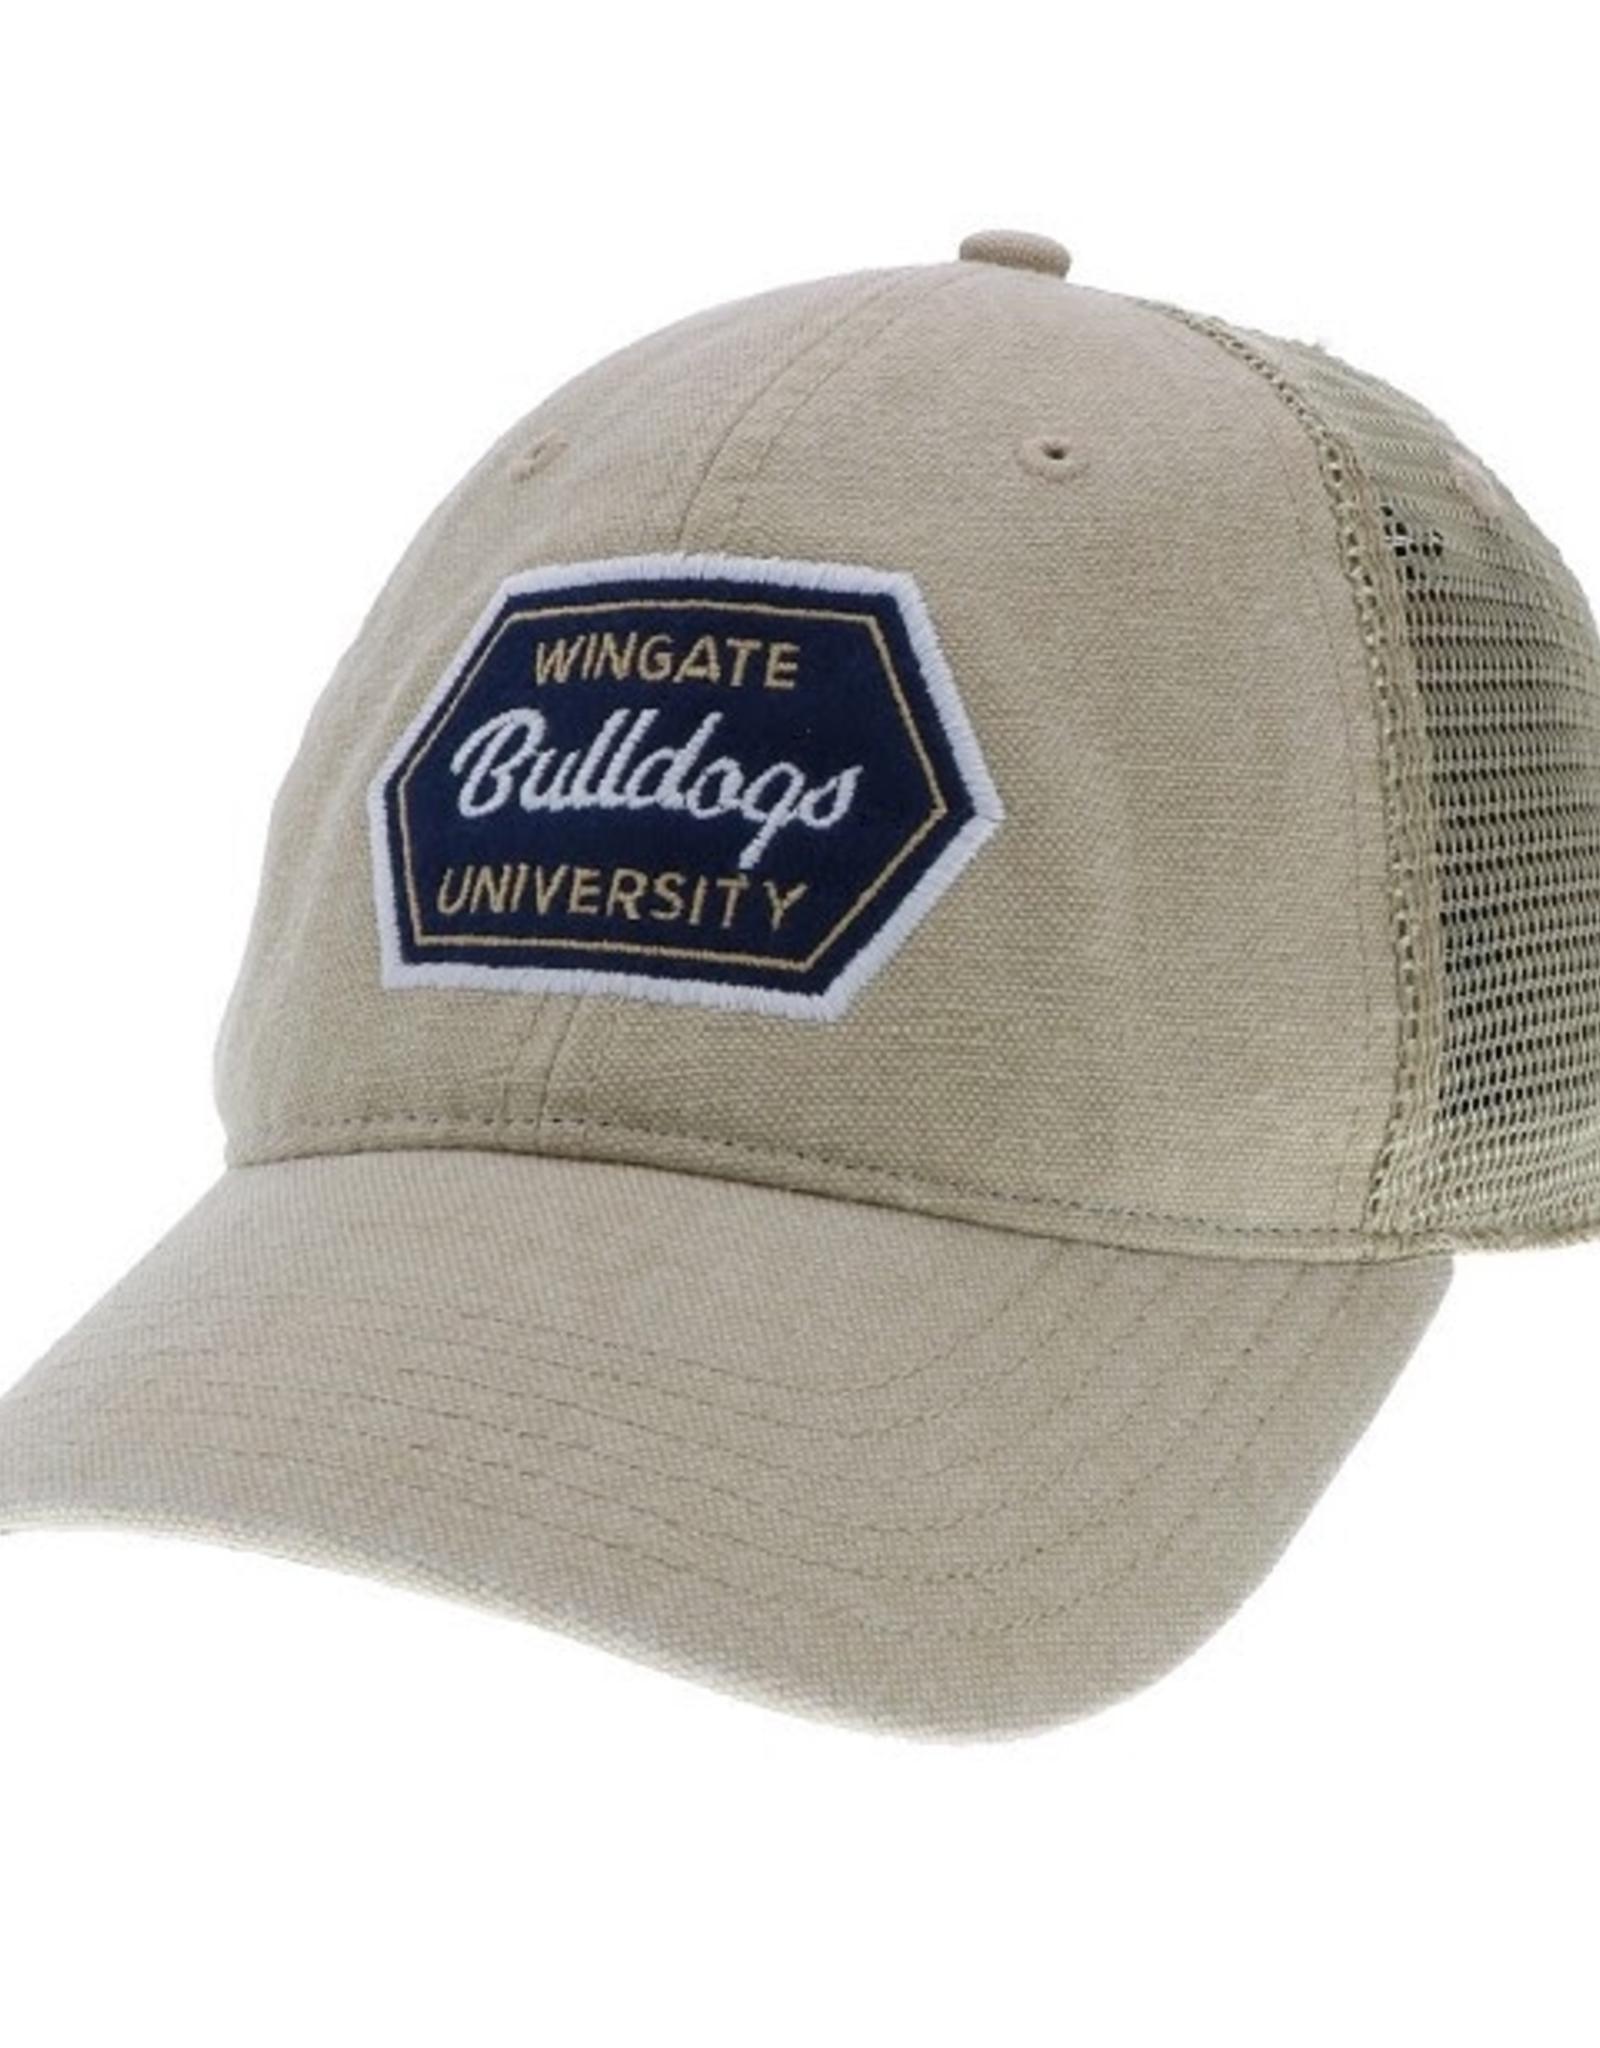 Khaki Wingate Bulldogs University Patch